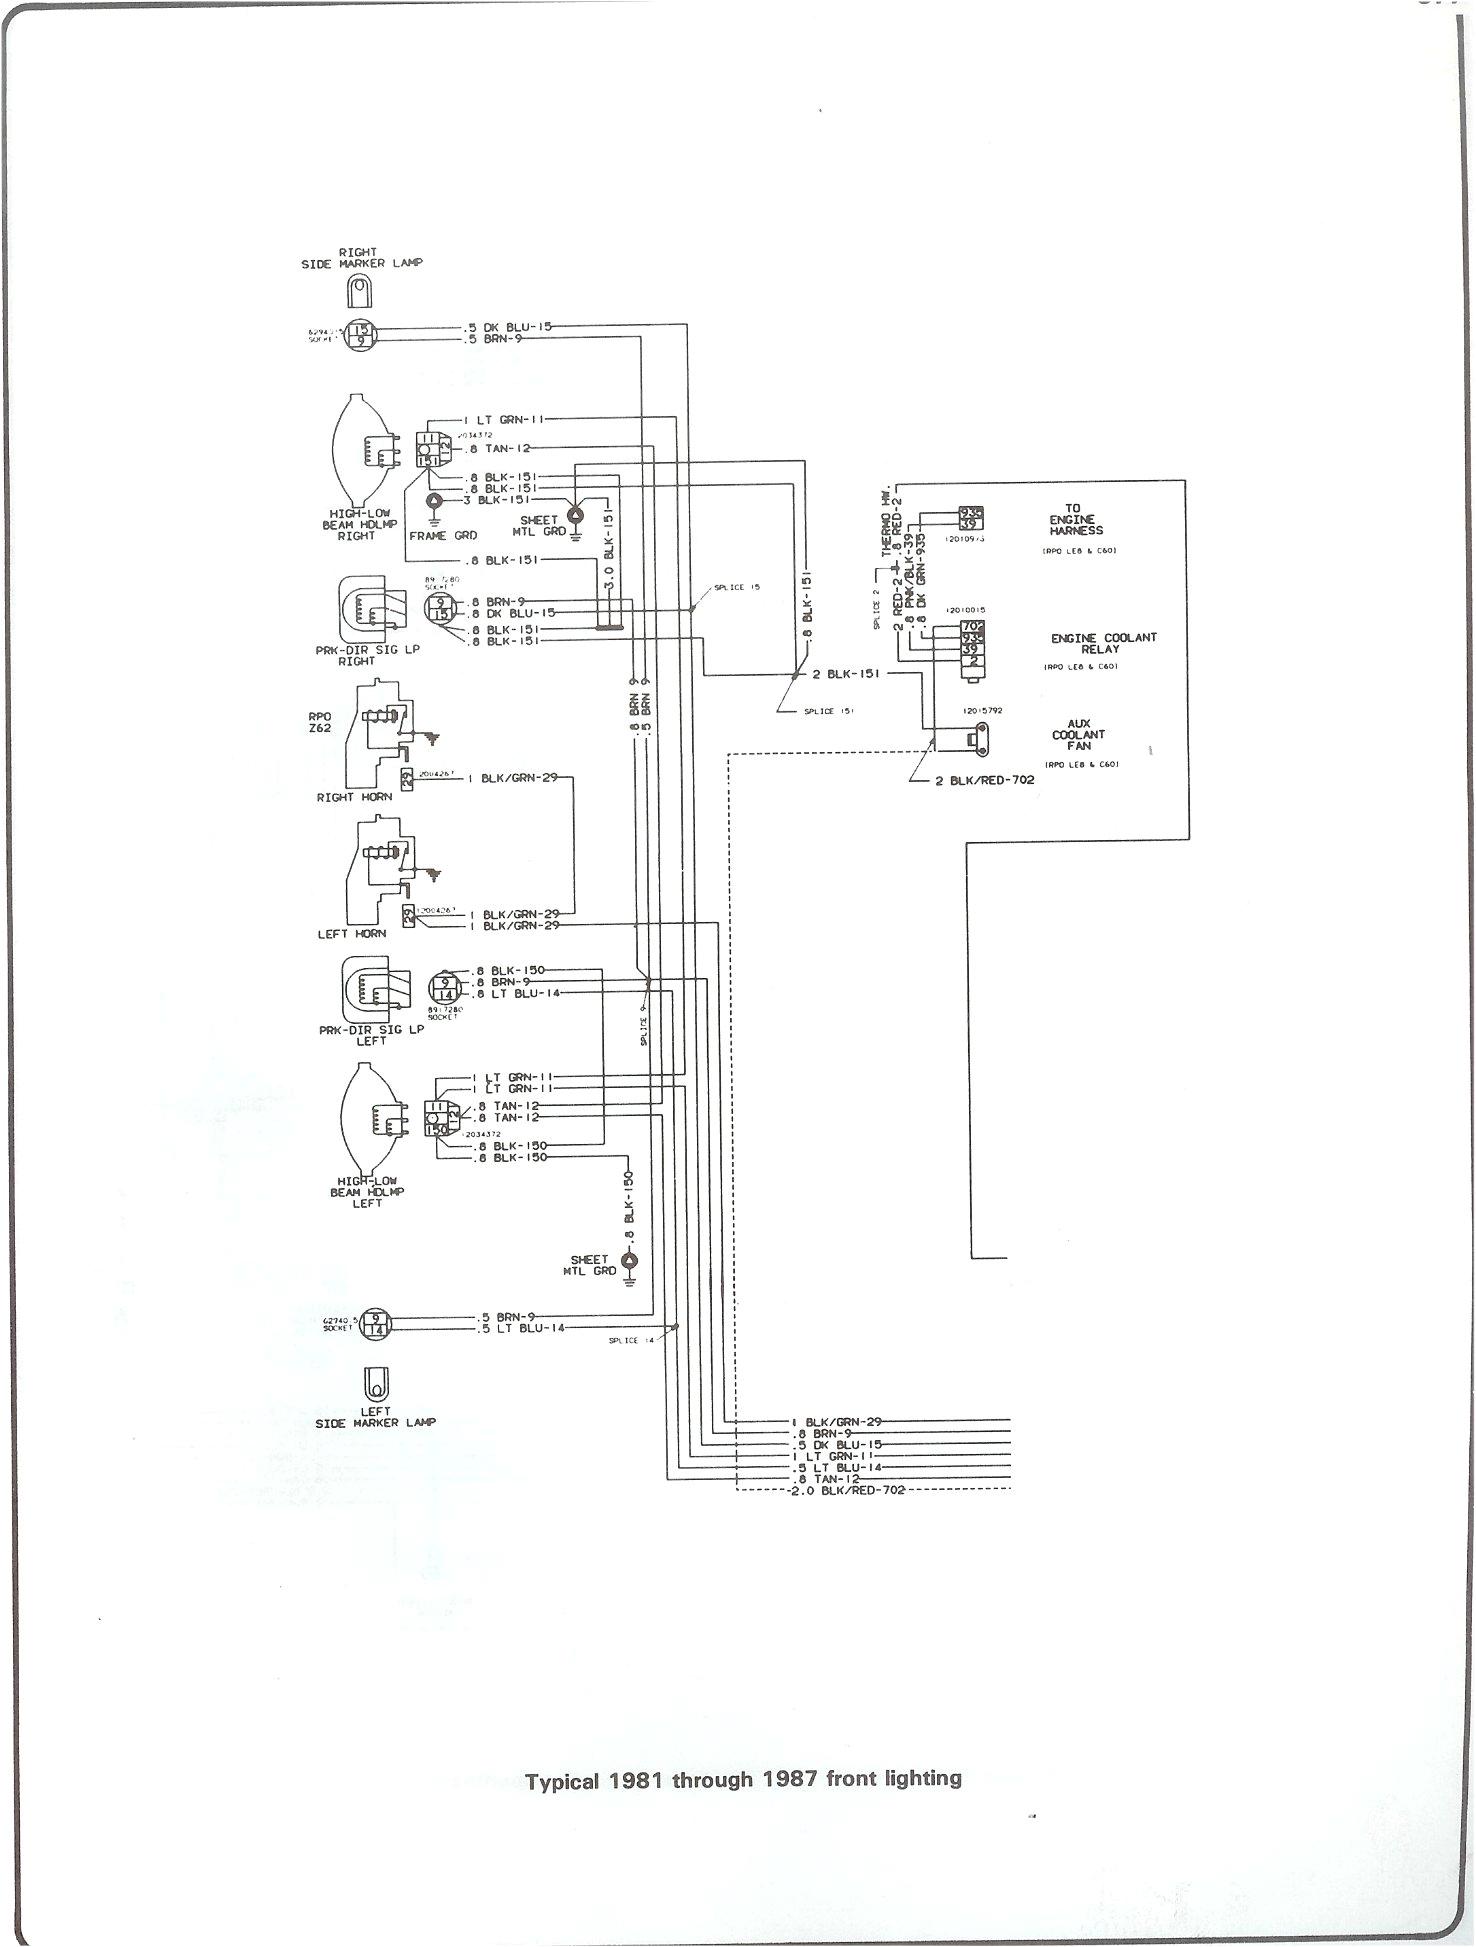 wiring lamp diagram 82 chevy truck schematic diagram complete 73 87 wiring diagrams 84 chevy wiring